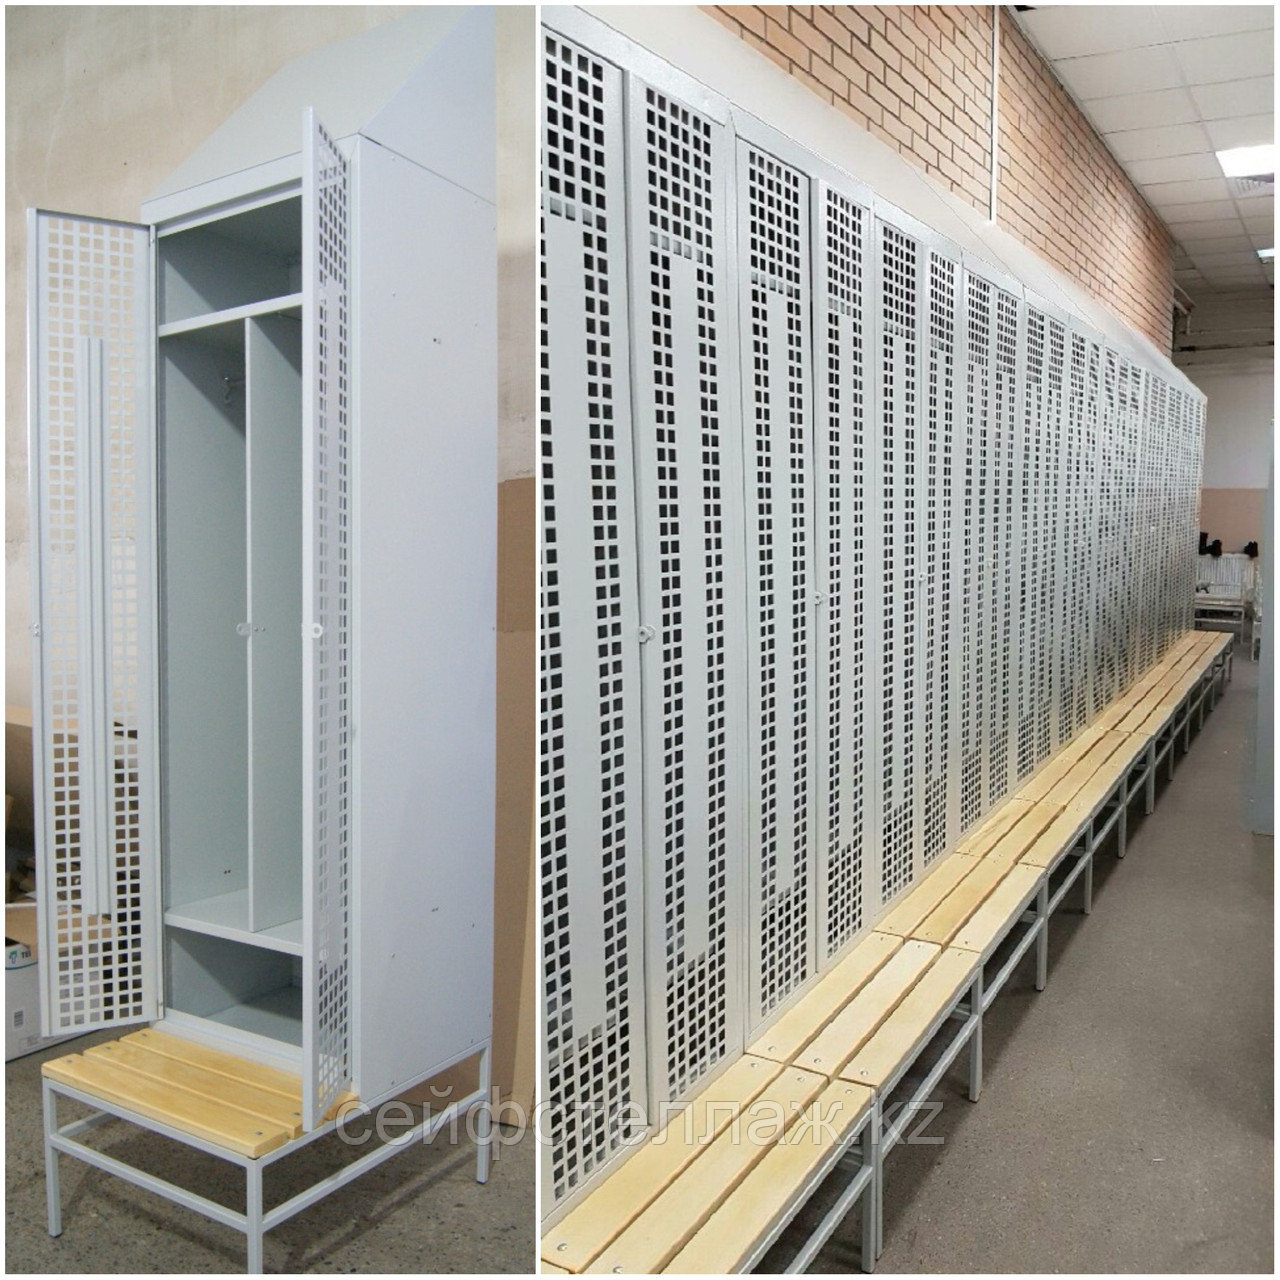 Шкафы для раздевалок с наклонной крышей